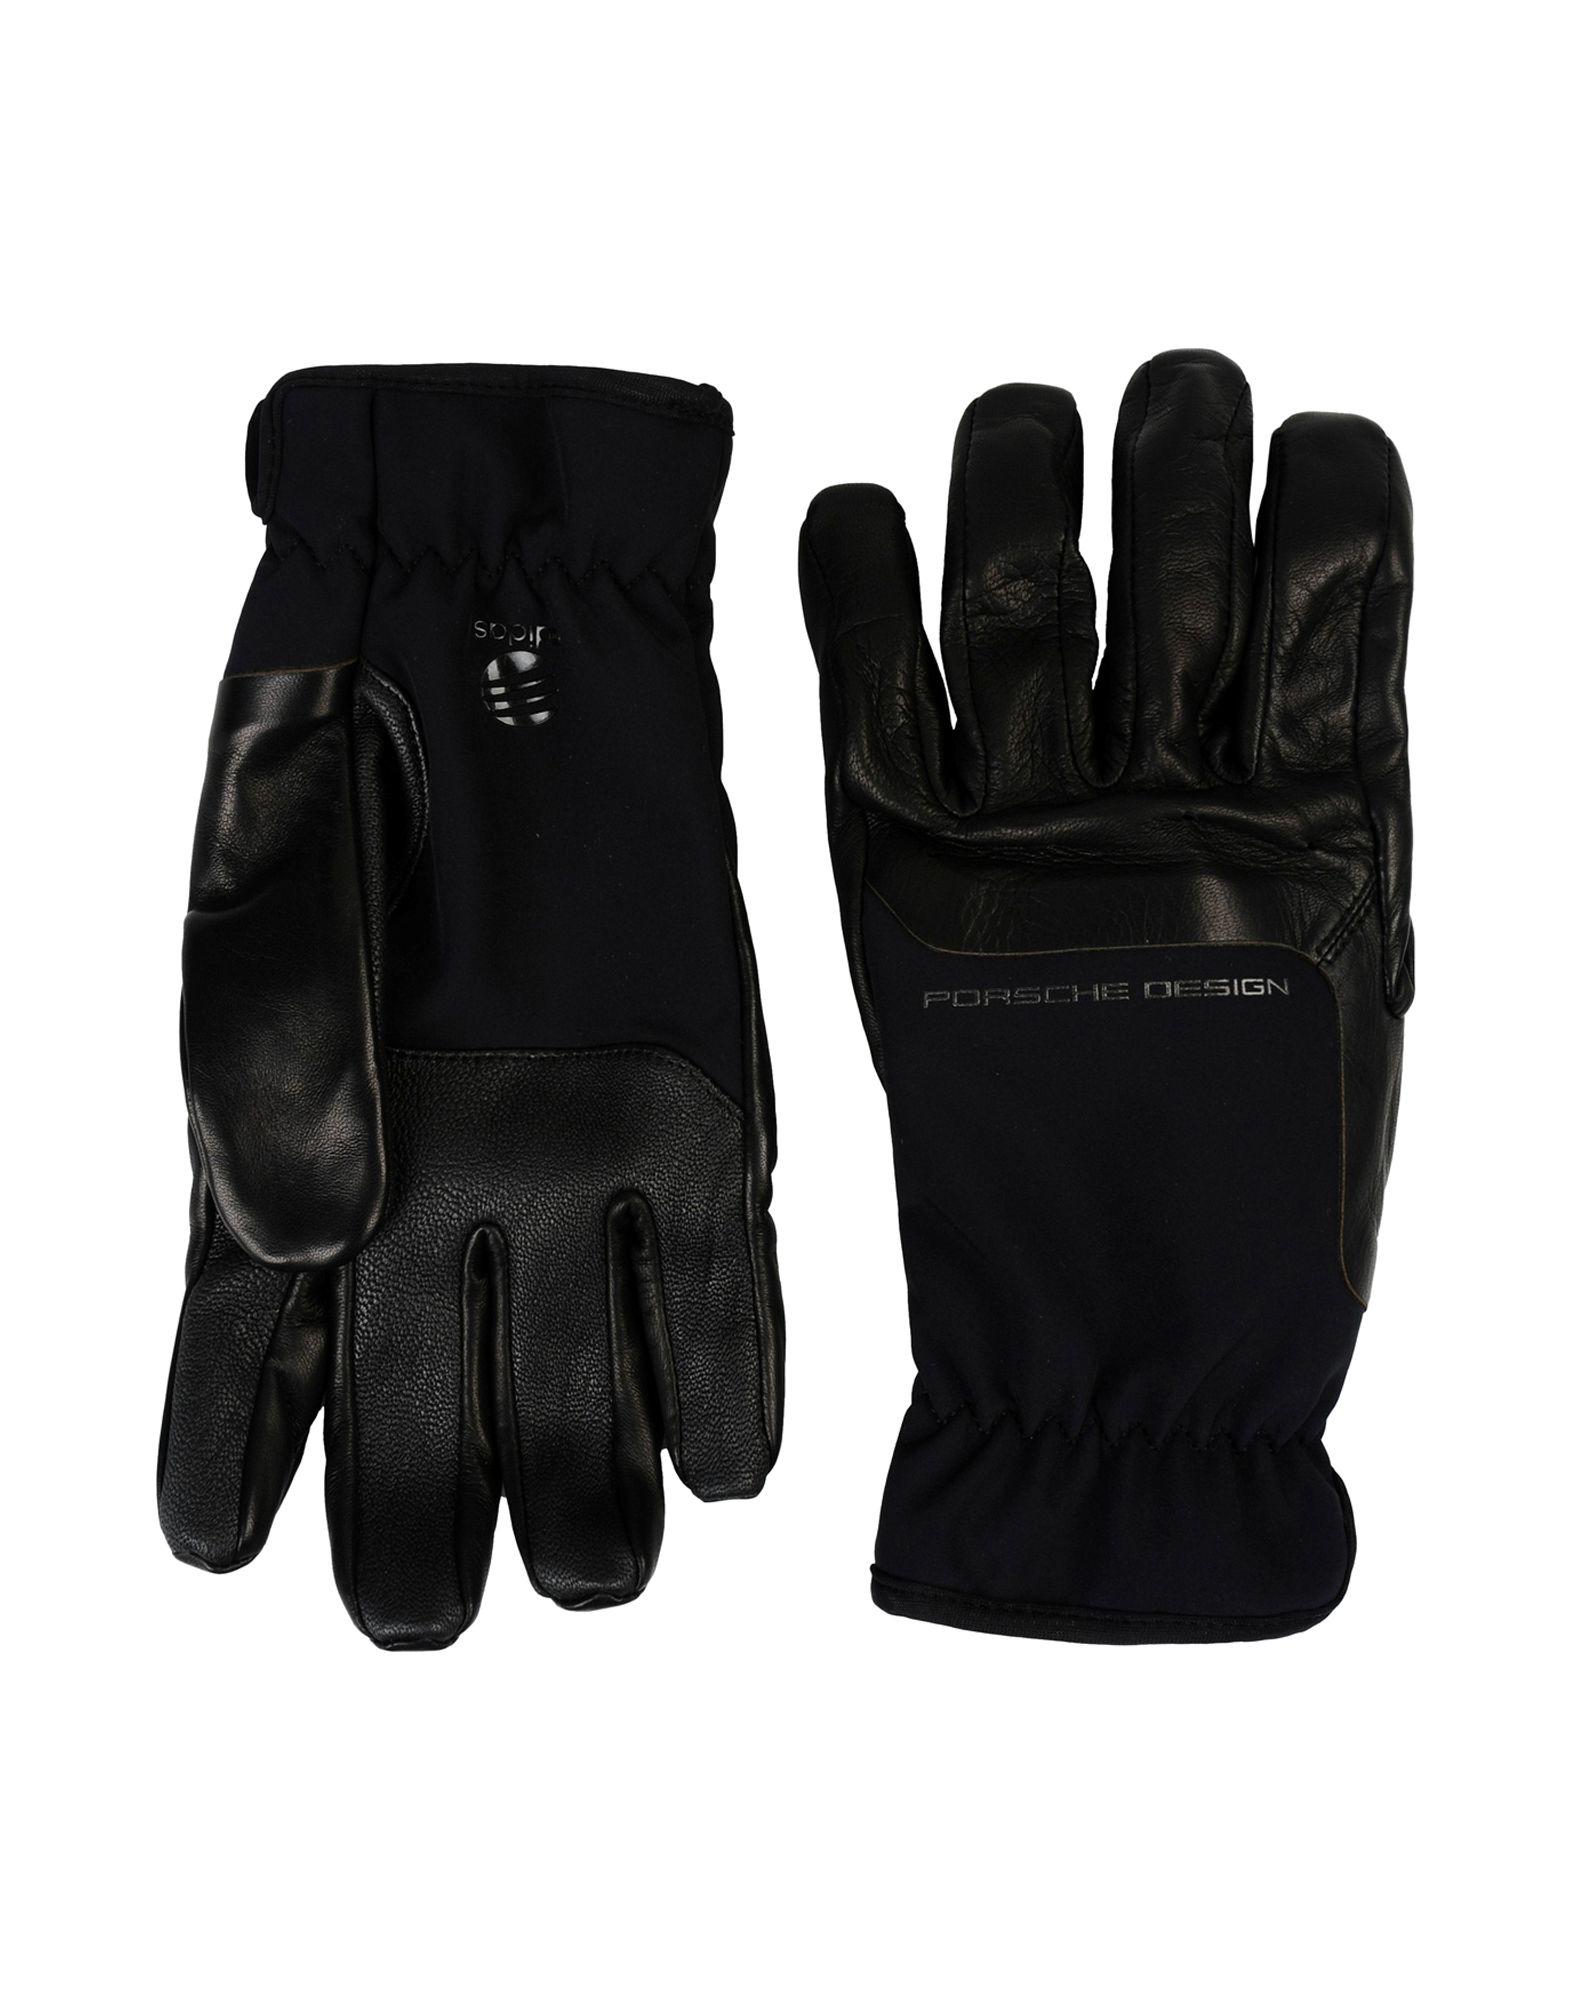 Porsche design gloves